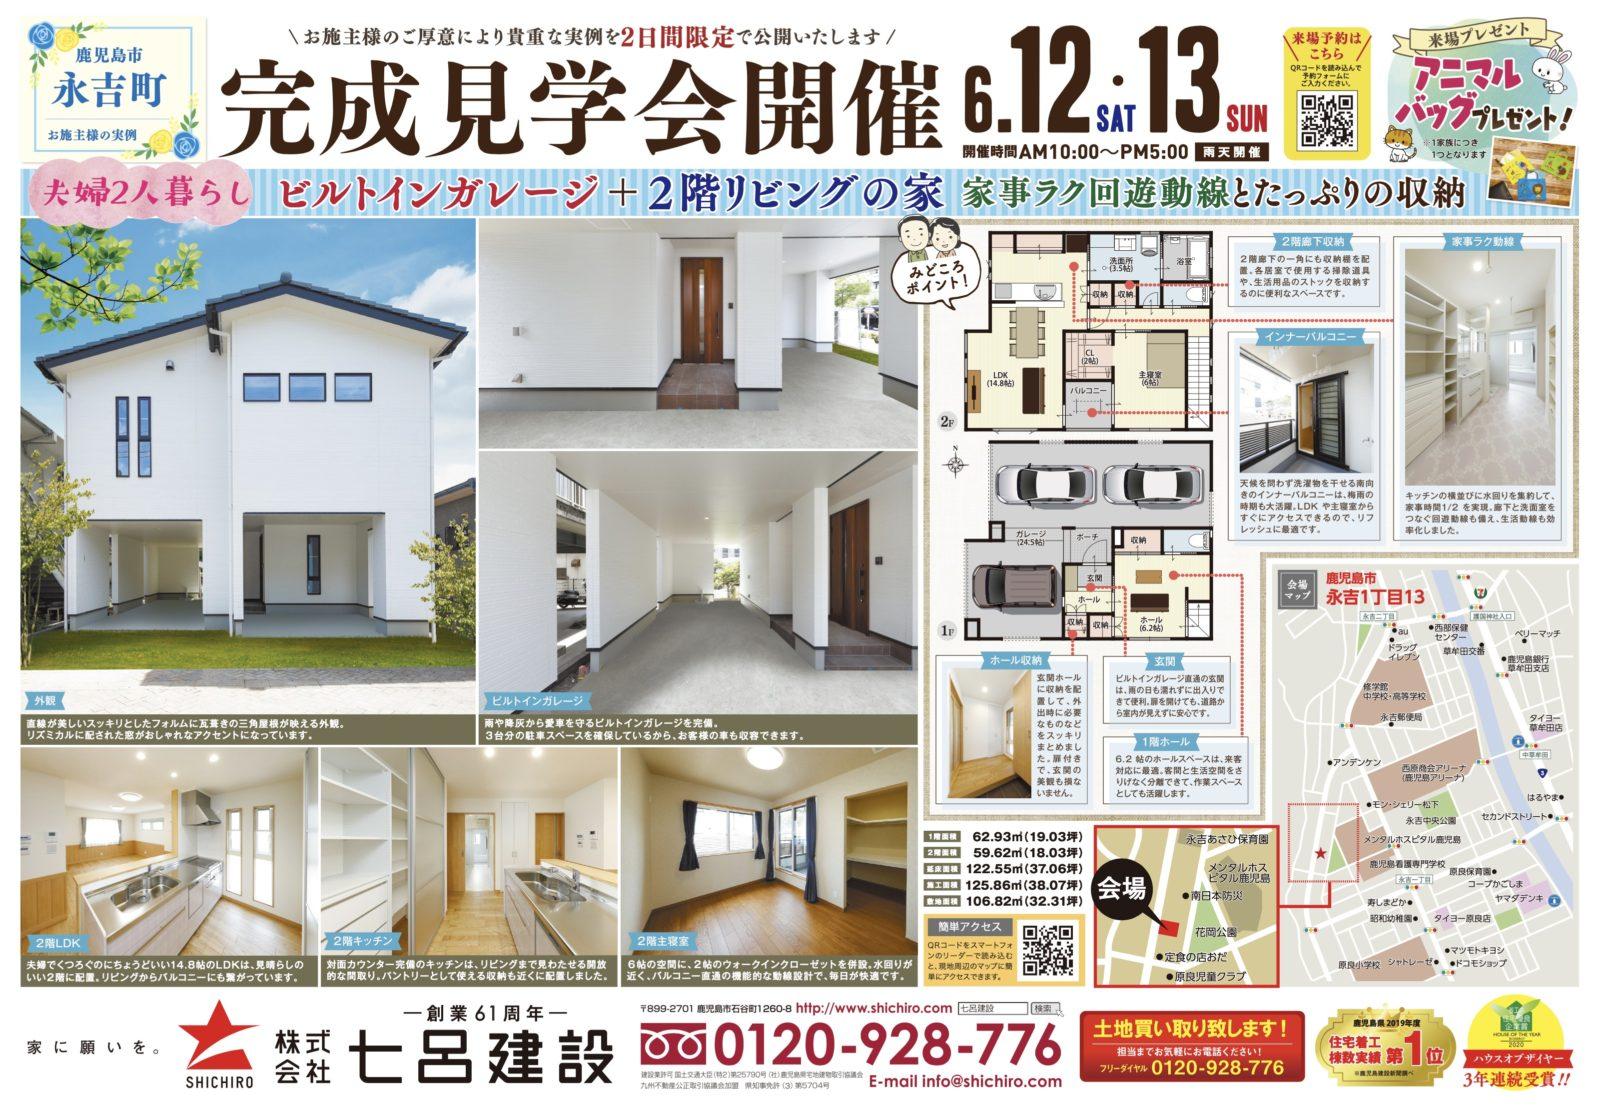 鹿児島市永吉1丁目で完成見学会 ビルトインガレージ+2階リビングの家